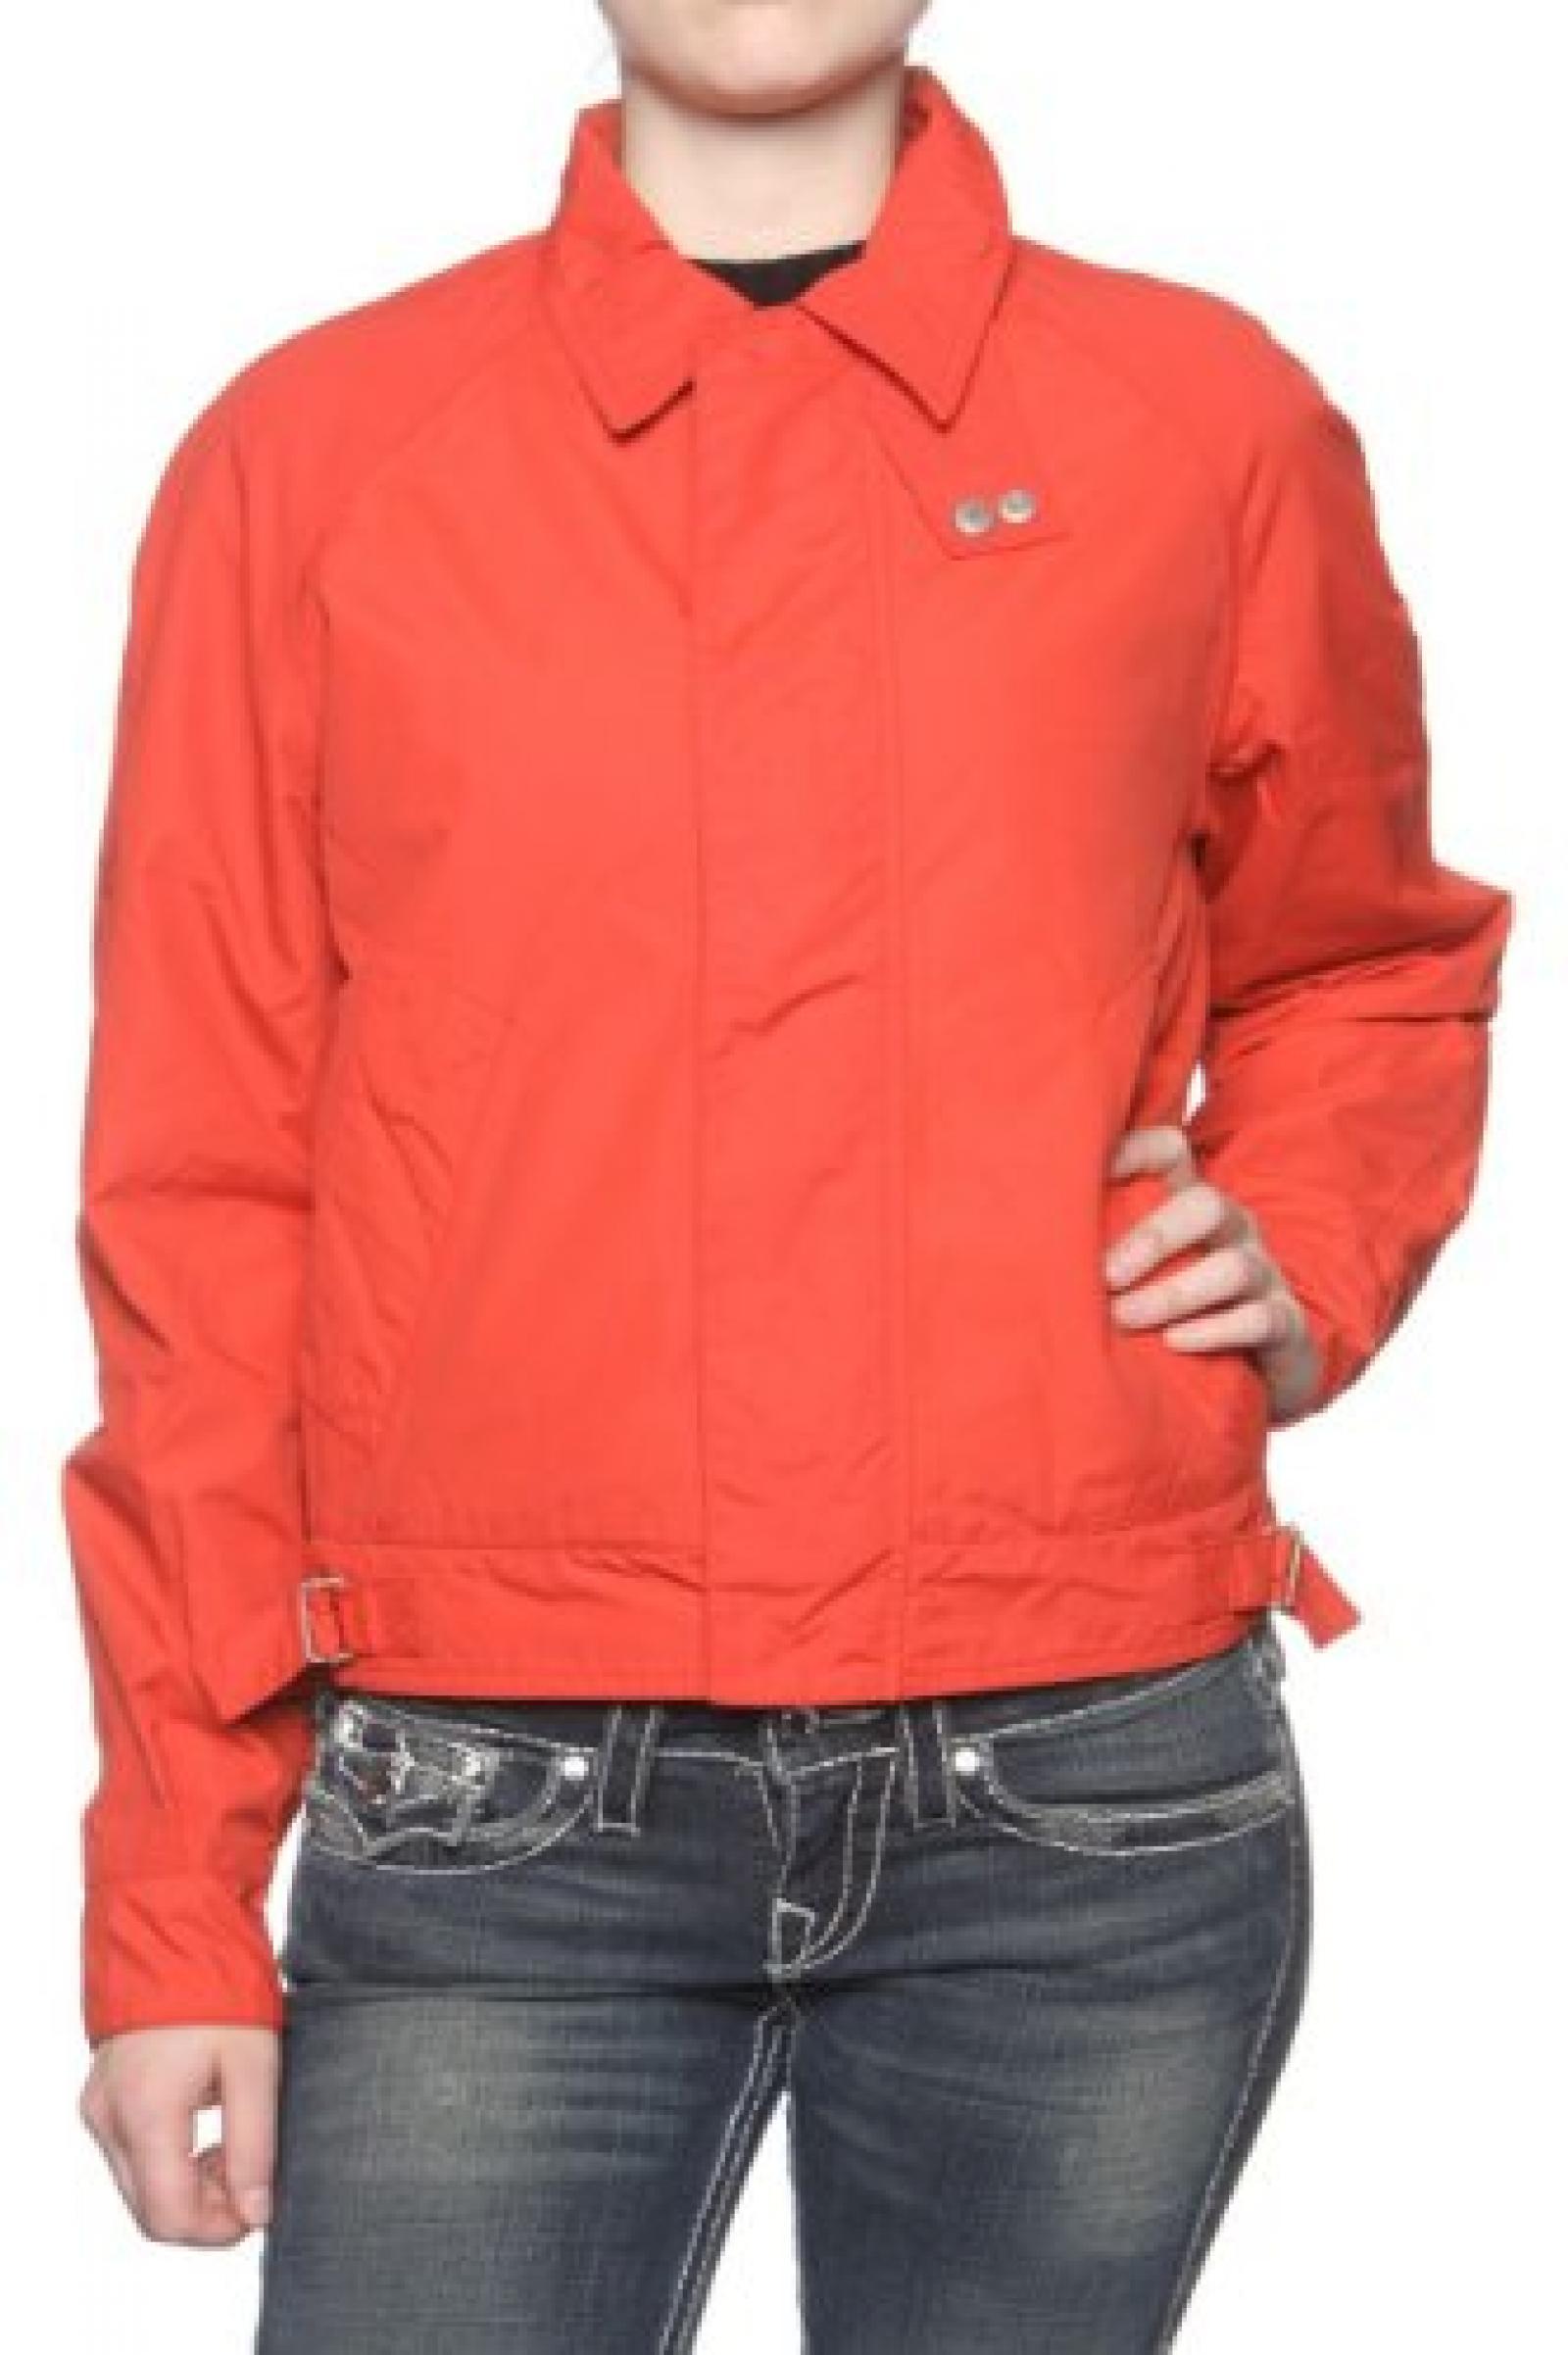 Belstaff Damen Jacke SCOOTER, Farbe: Rot